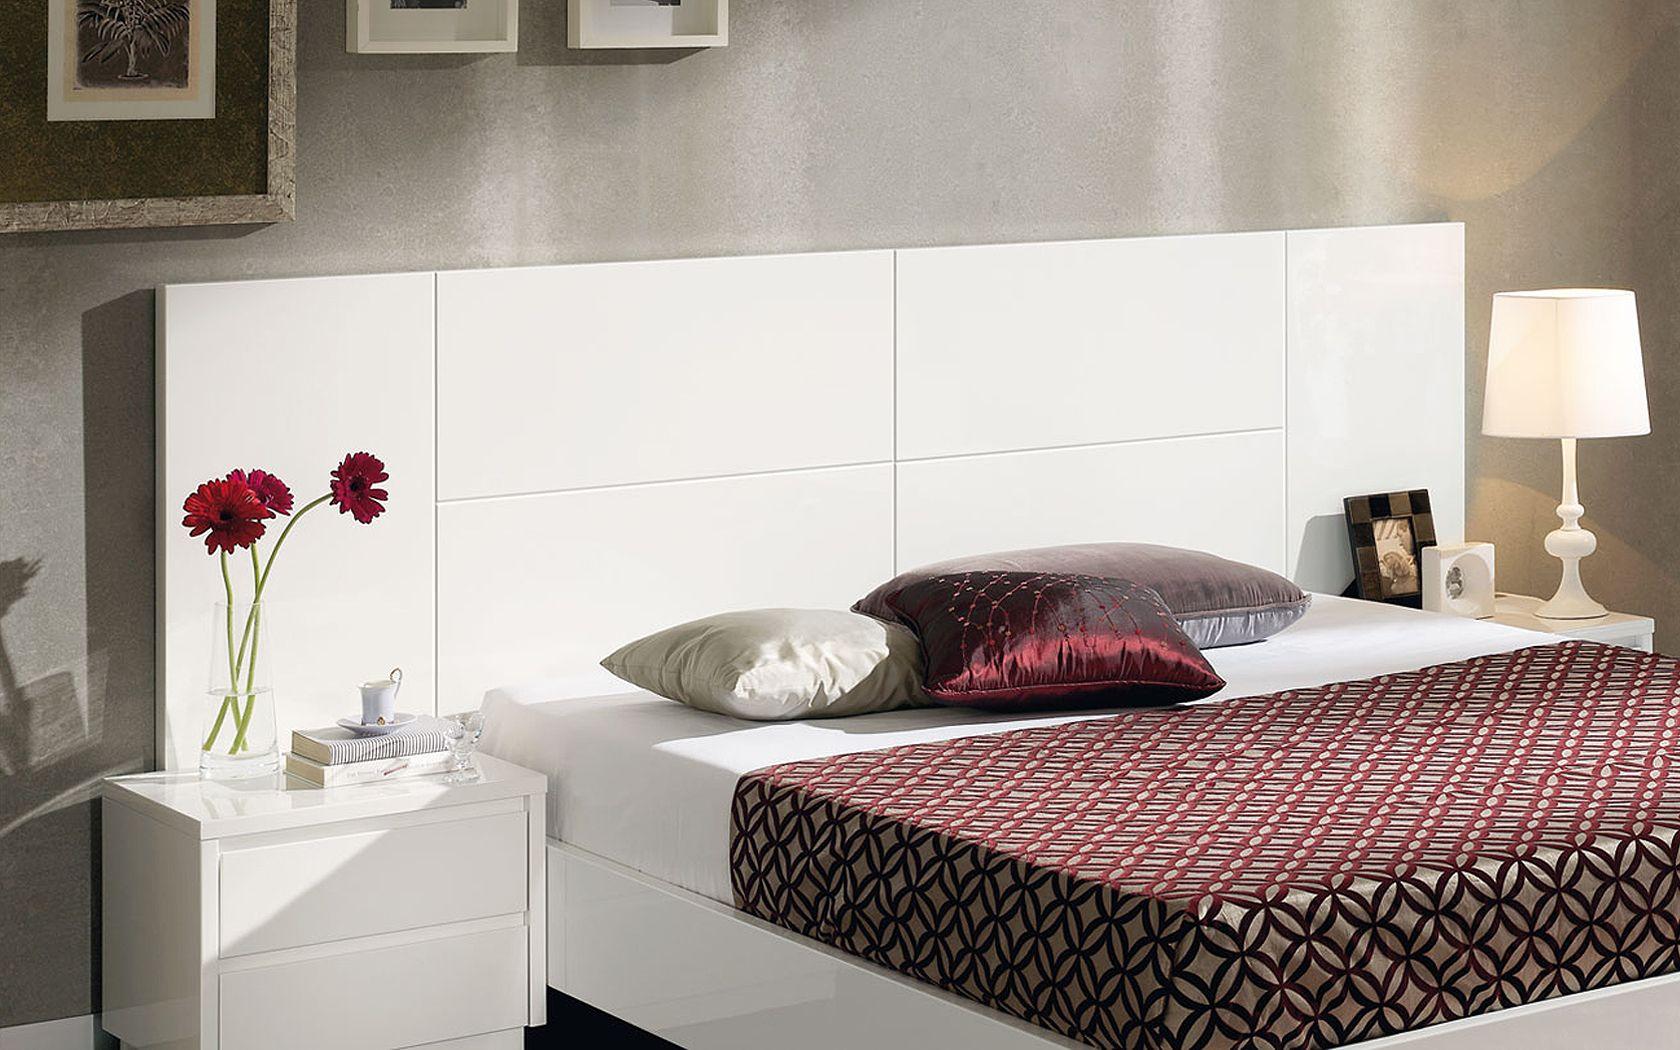 Cabeceros de cama de matrimonio moderno blanco logela - Cabeceros de cama de matrimonio ...